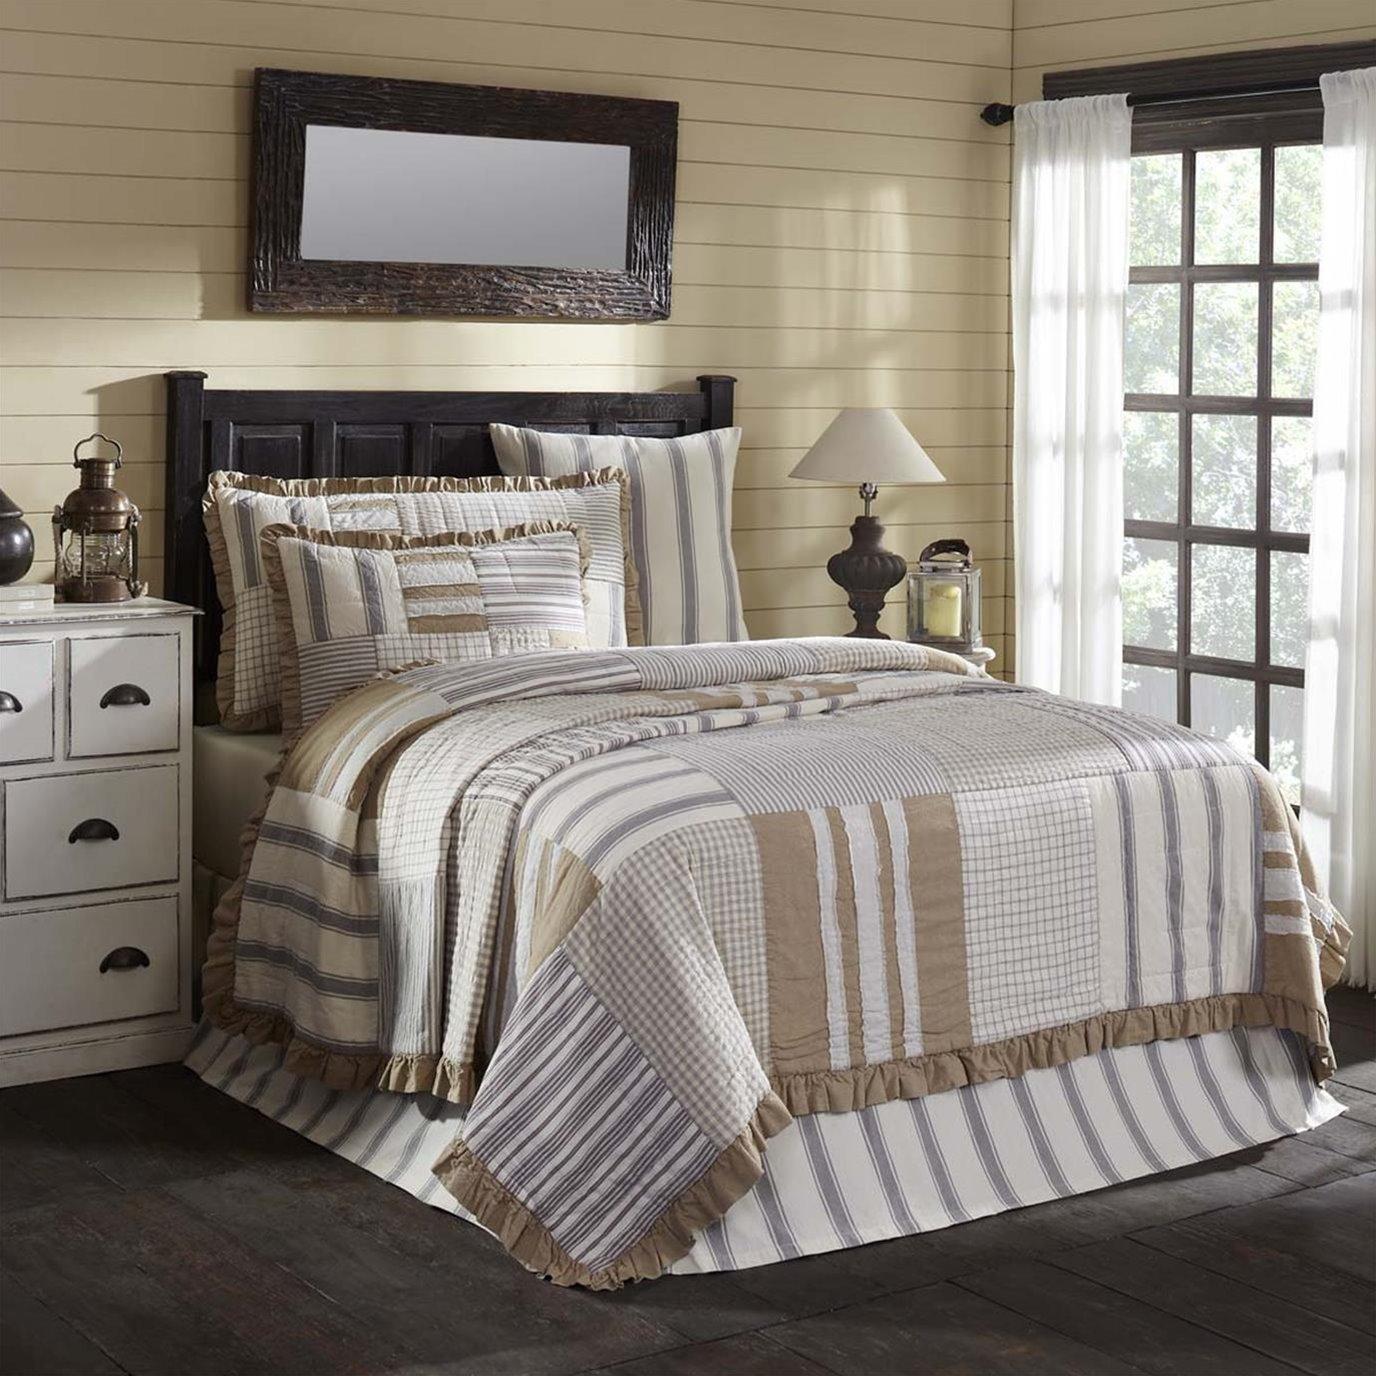 Quilts & Quilt Sets